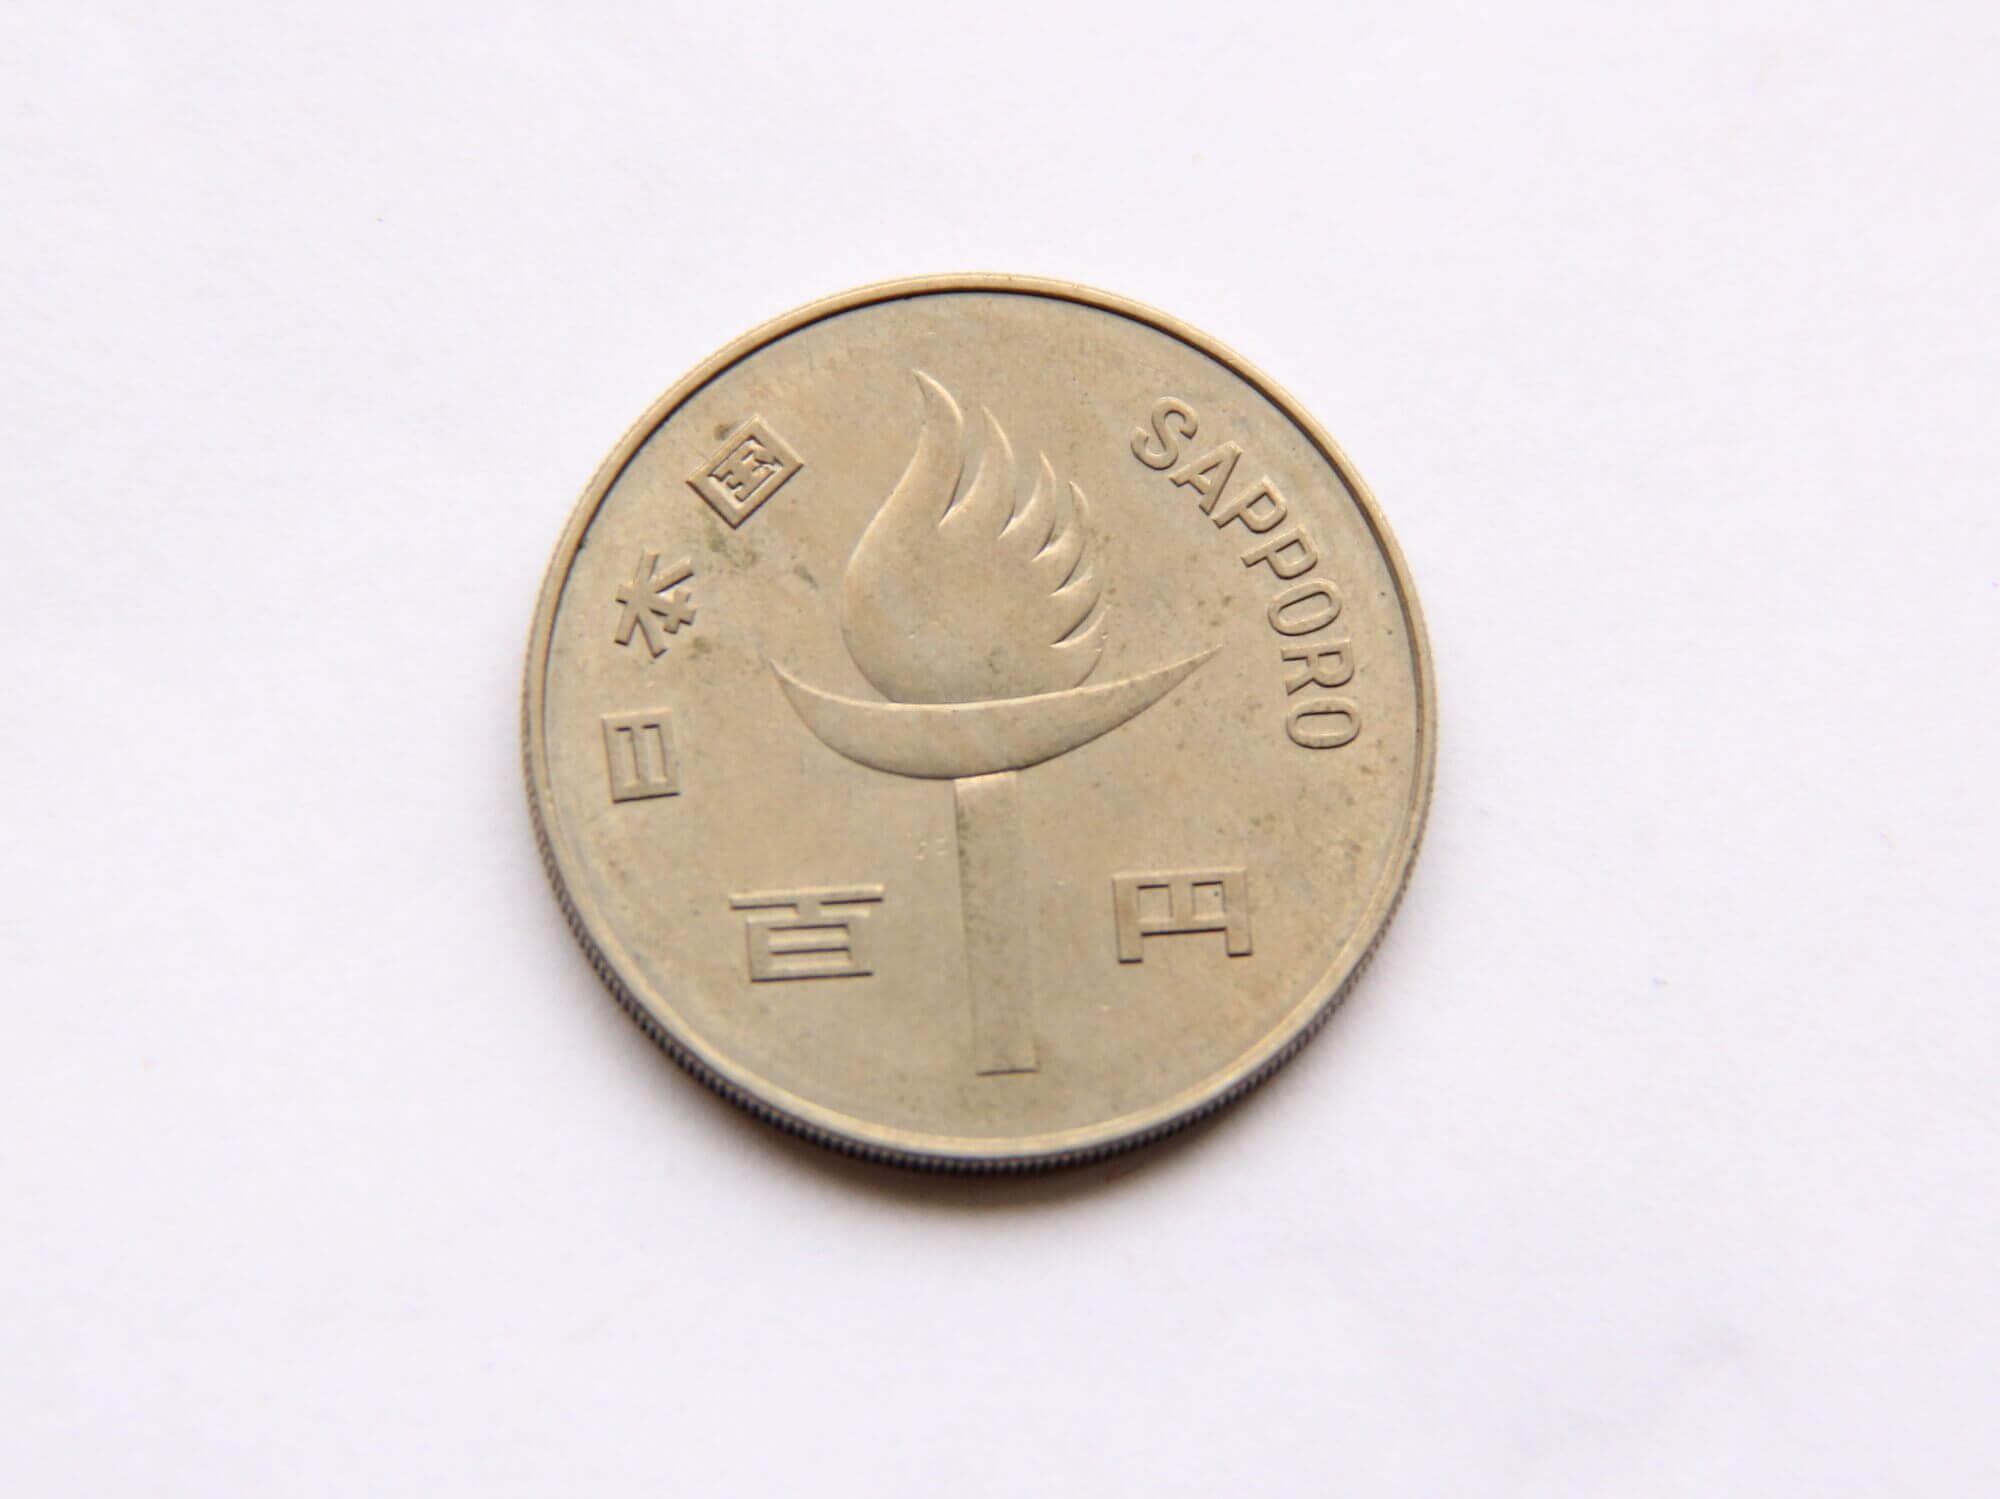 「100円硬貨」に古銭の買取価値はある?高額査定が狙える条件とは